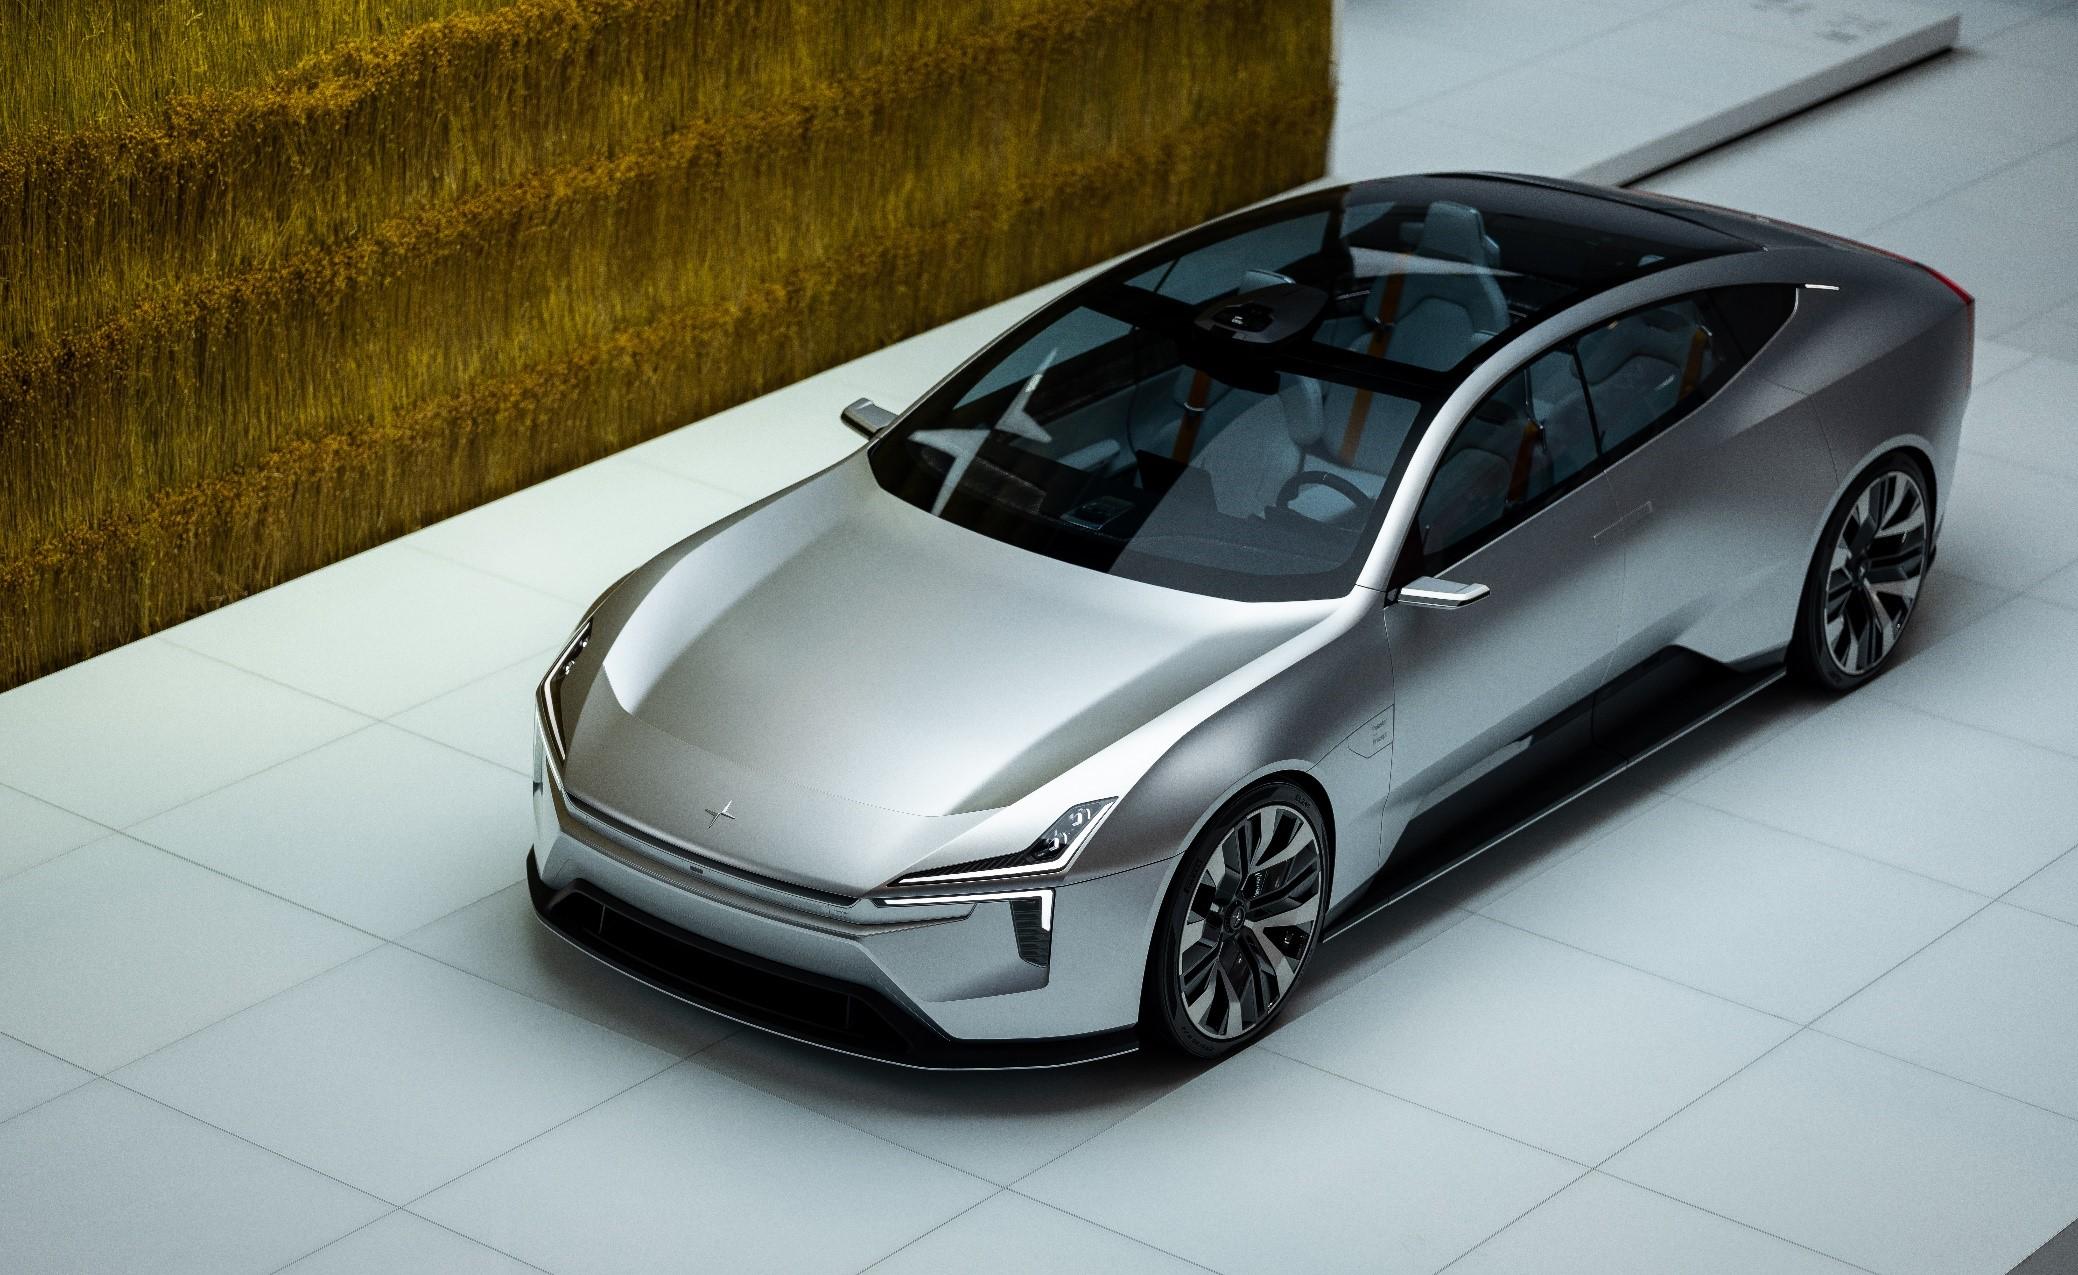 极星宣布新车型Precept将投入量产 | 2020北京车展